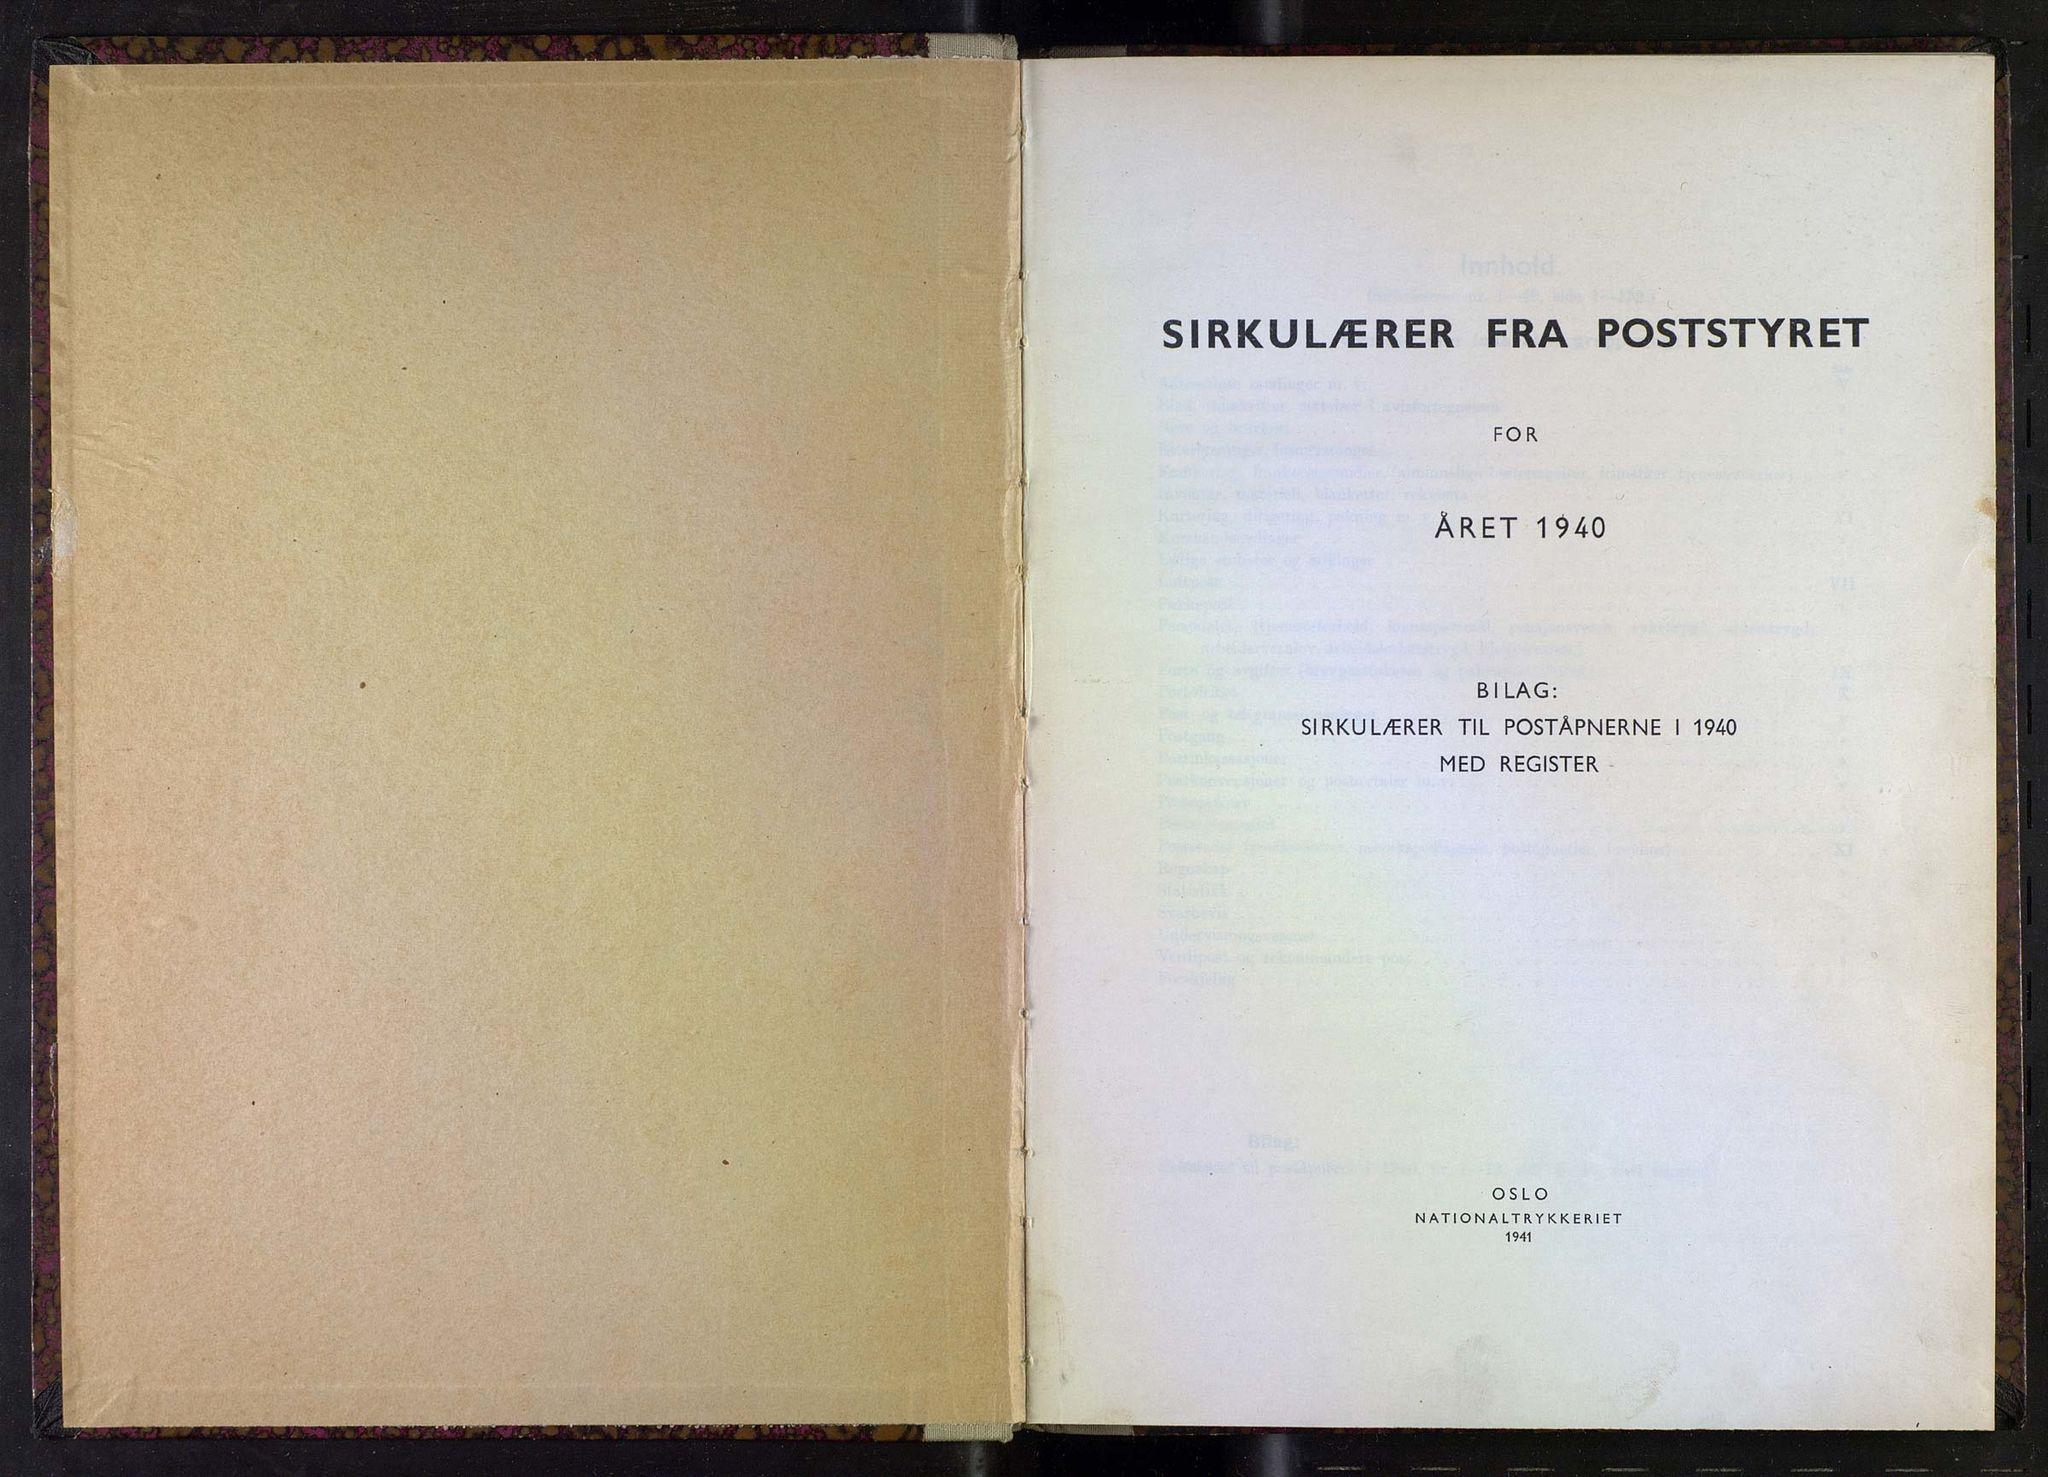 NOPO, Norges Postmuseums bibliotek, -/-: Sirkulærer fra Poststyret, 1940